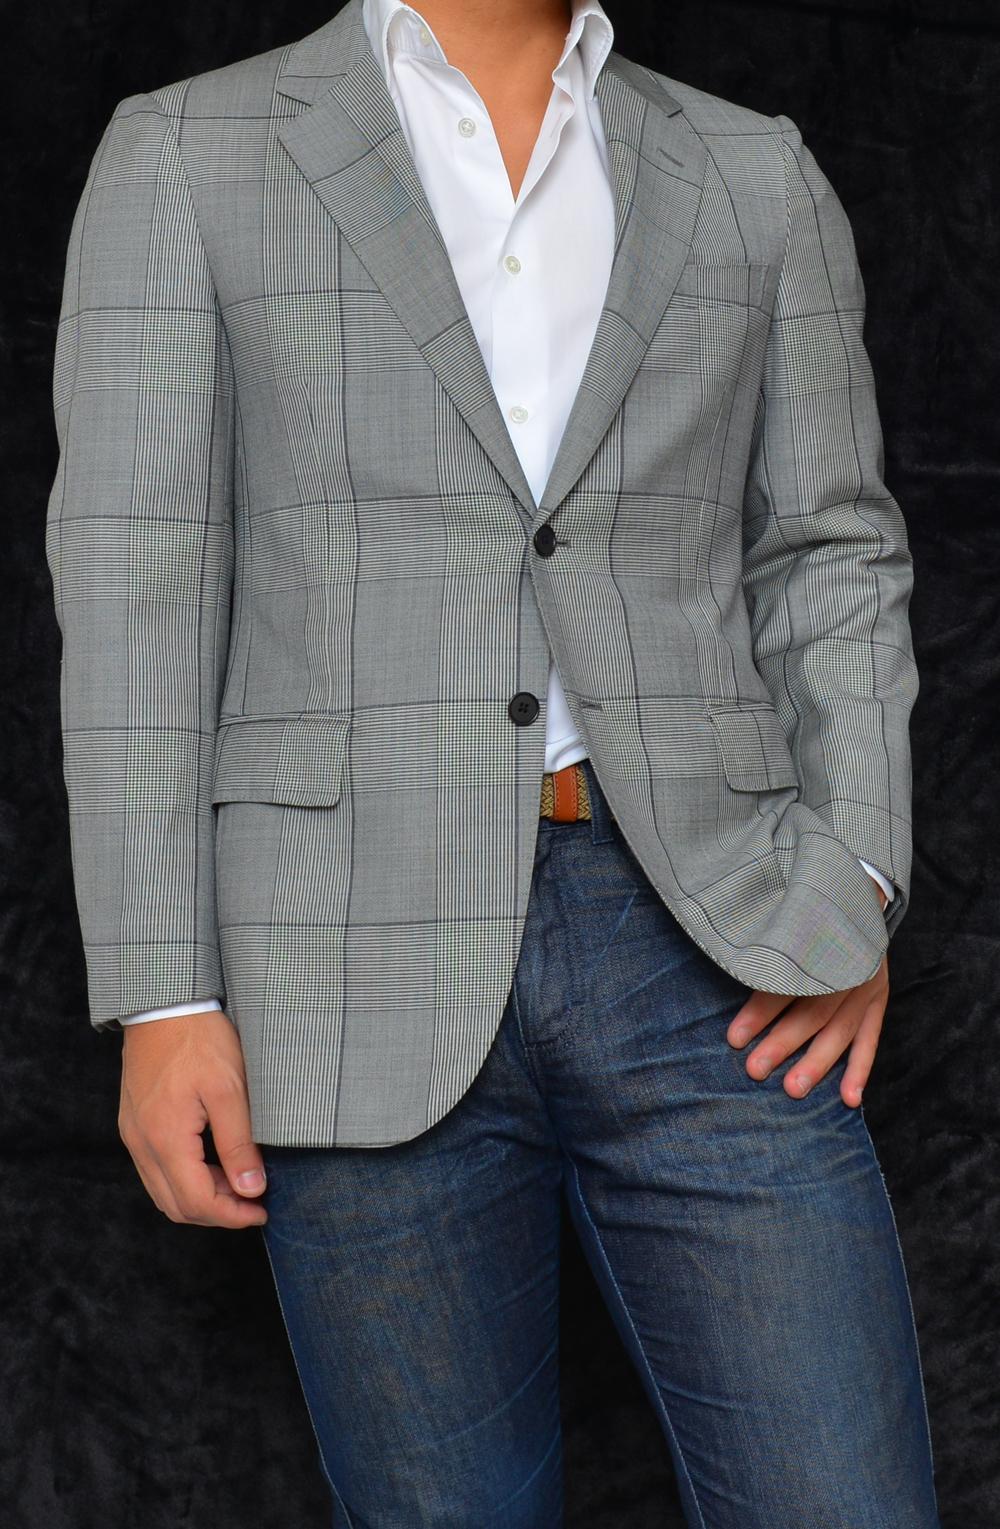 jacket-shirts-style1